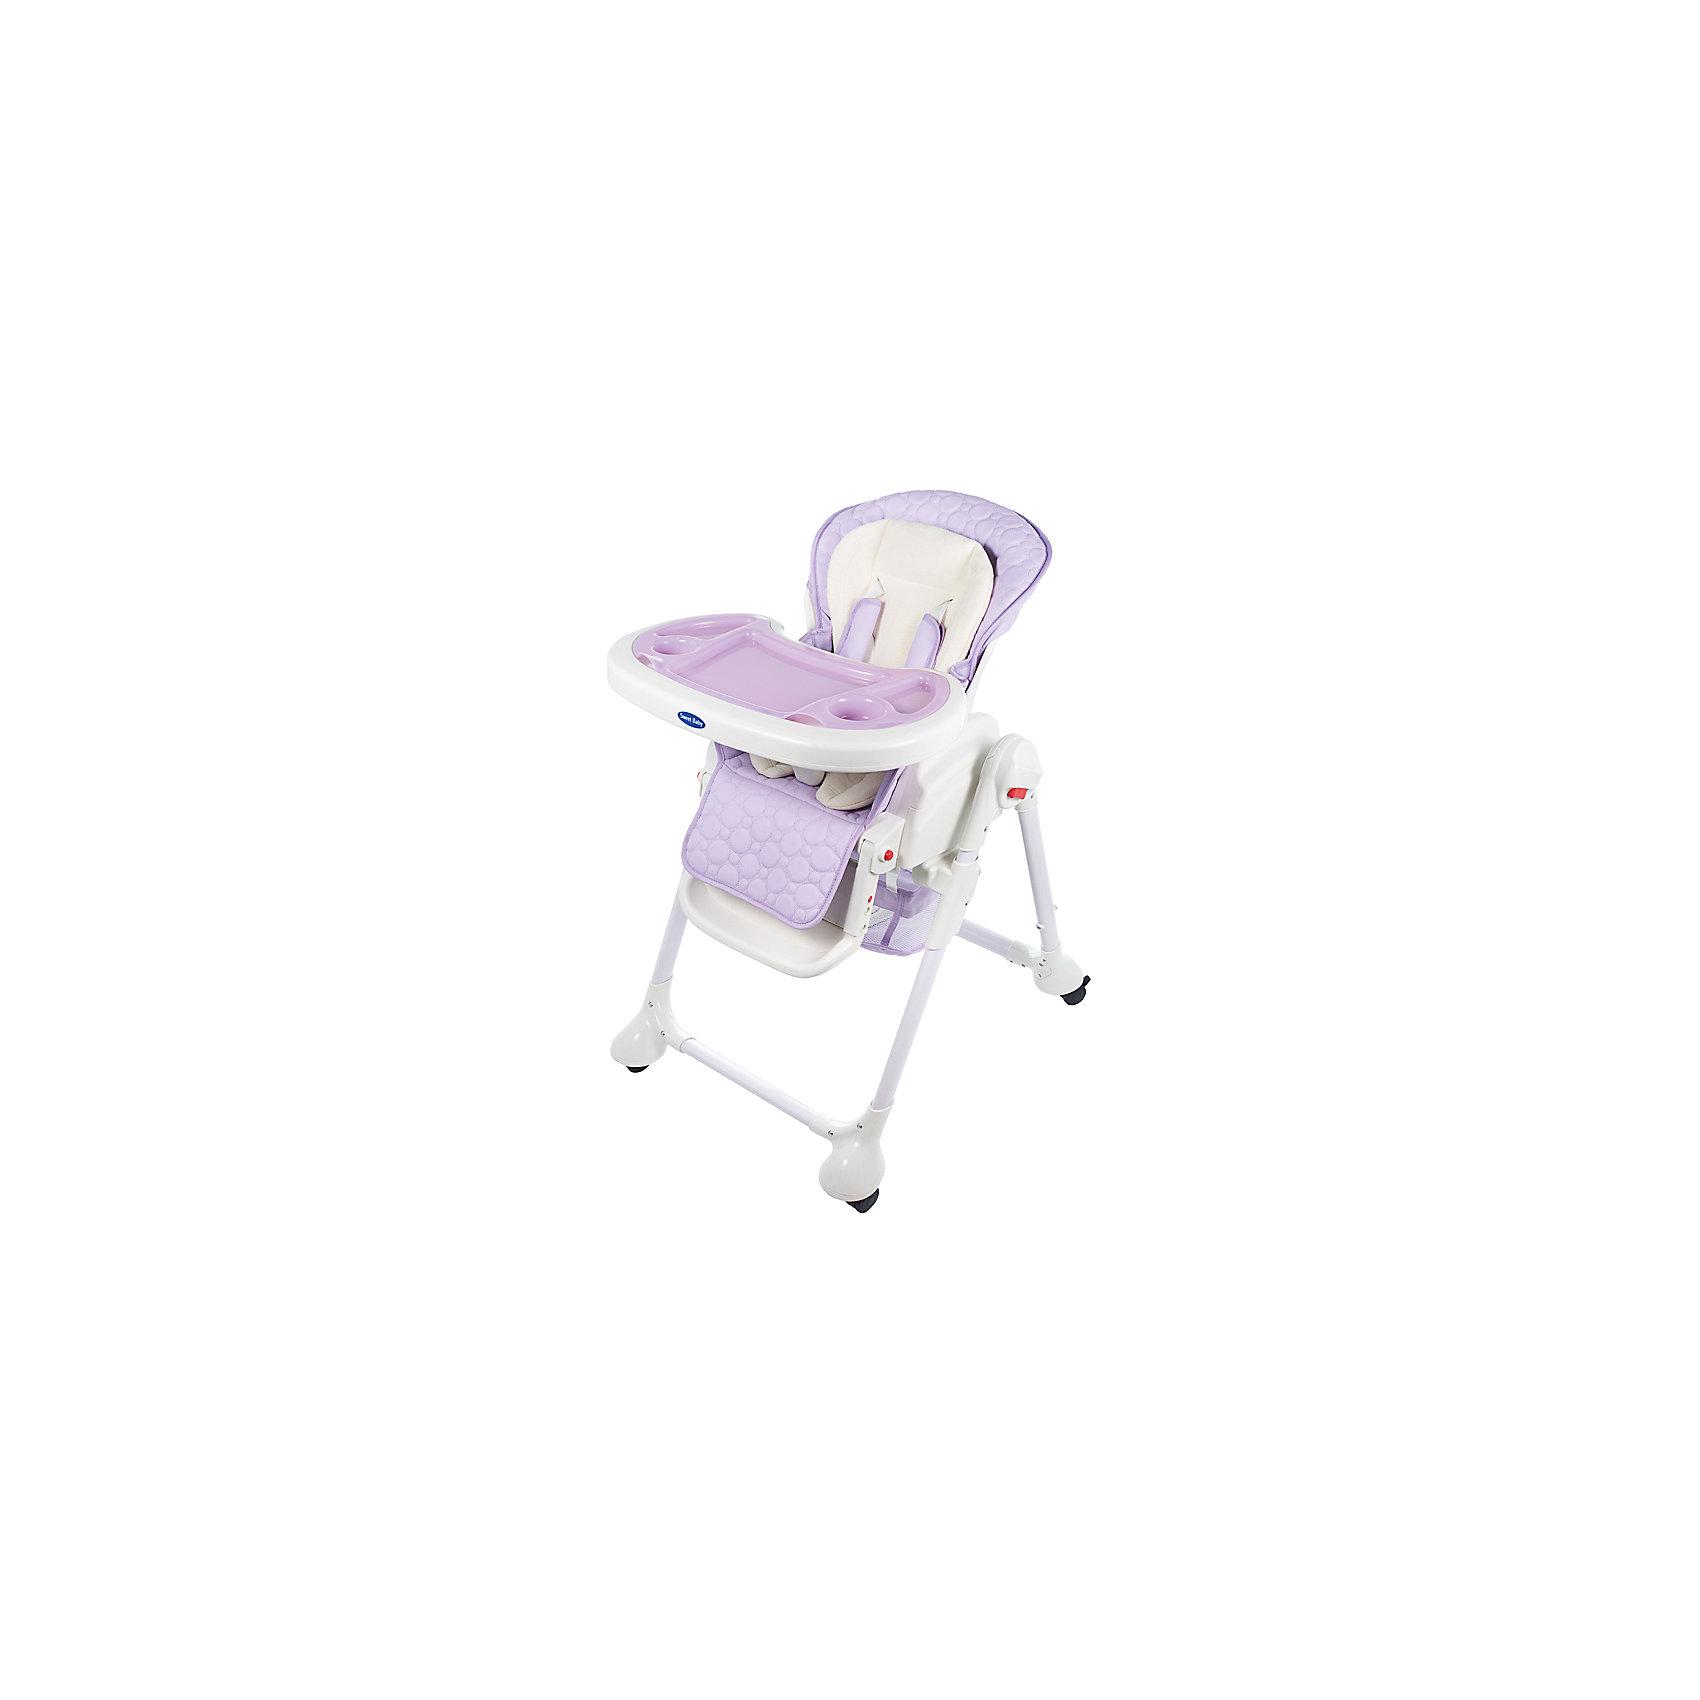 Стульчик для кормления Luxor Classic, Sweet Baby, Lillaот рождения<br>Характеристика товара:<br><br>• цвет: Lilla (сиреневый)<br>• используется в качестве стульчика для кормления или шезлонга для сна<br>• наклон спинки регулируется, устанавливается в горизонтальное положение<br>• регулируемая по высоте спинка (5 уровней)<br>• угол наклона спинки регулируется (3 положения)<br>• регулируемая длина подножки (3 уровня)<br>• чехол из экокожи<br>• вкладыш из мягкой гипоаллергенной ткани, который легко снимается<br>• сетчато-текстильная корзина для аксессуаров<br>• 5-точечные ремни безопасности с надежным замком и мягкими накладками<br>• 3 позиции глубины и высоты подноса<br>• съемная верхняя накладка на поднос и 2 углубления для посуды<br>• 4 колеса со стоперами<br>• компактные размеры и устойчивость в сложенном виде<br>• возраст: от 0 месяцев<br>• материал рамы: металл, пластик<br>• страна производства: Китай<br>• вес: 15 кг<br>• размер упаковки: 91х30х65 см<br><br>Стульчик для кормления Sweet Baby Luxor Classic с уникальной функцией –<br>ручным механизмом качания!<br><br>Компактный стульчик для кормления теперь может быть и кроваткой – Вы сможете заняться любым делом, параллельно убаюкивая своего малыша.<br><br>Стульчик легко перемещается, а это значит, что Вы сможете убаюкать крошку там, где Вам удобно.<br><br>Стульчик для кормления Luxor Classic, Sweet Baby, Lilla можно купить в нашем интернет-магазине.<br><br>Ширина мм: 640<br>Глубина мм: 910<br>Высота мм: 300<br>Вес г: 17400<br>Возраст от месяцев: 0<br>Возраст до месяцев: 36<br>Пол: Унисекс<br>Возраст: Детский<br>SKU: 5583541